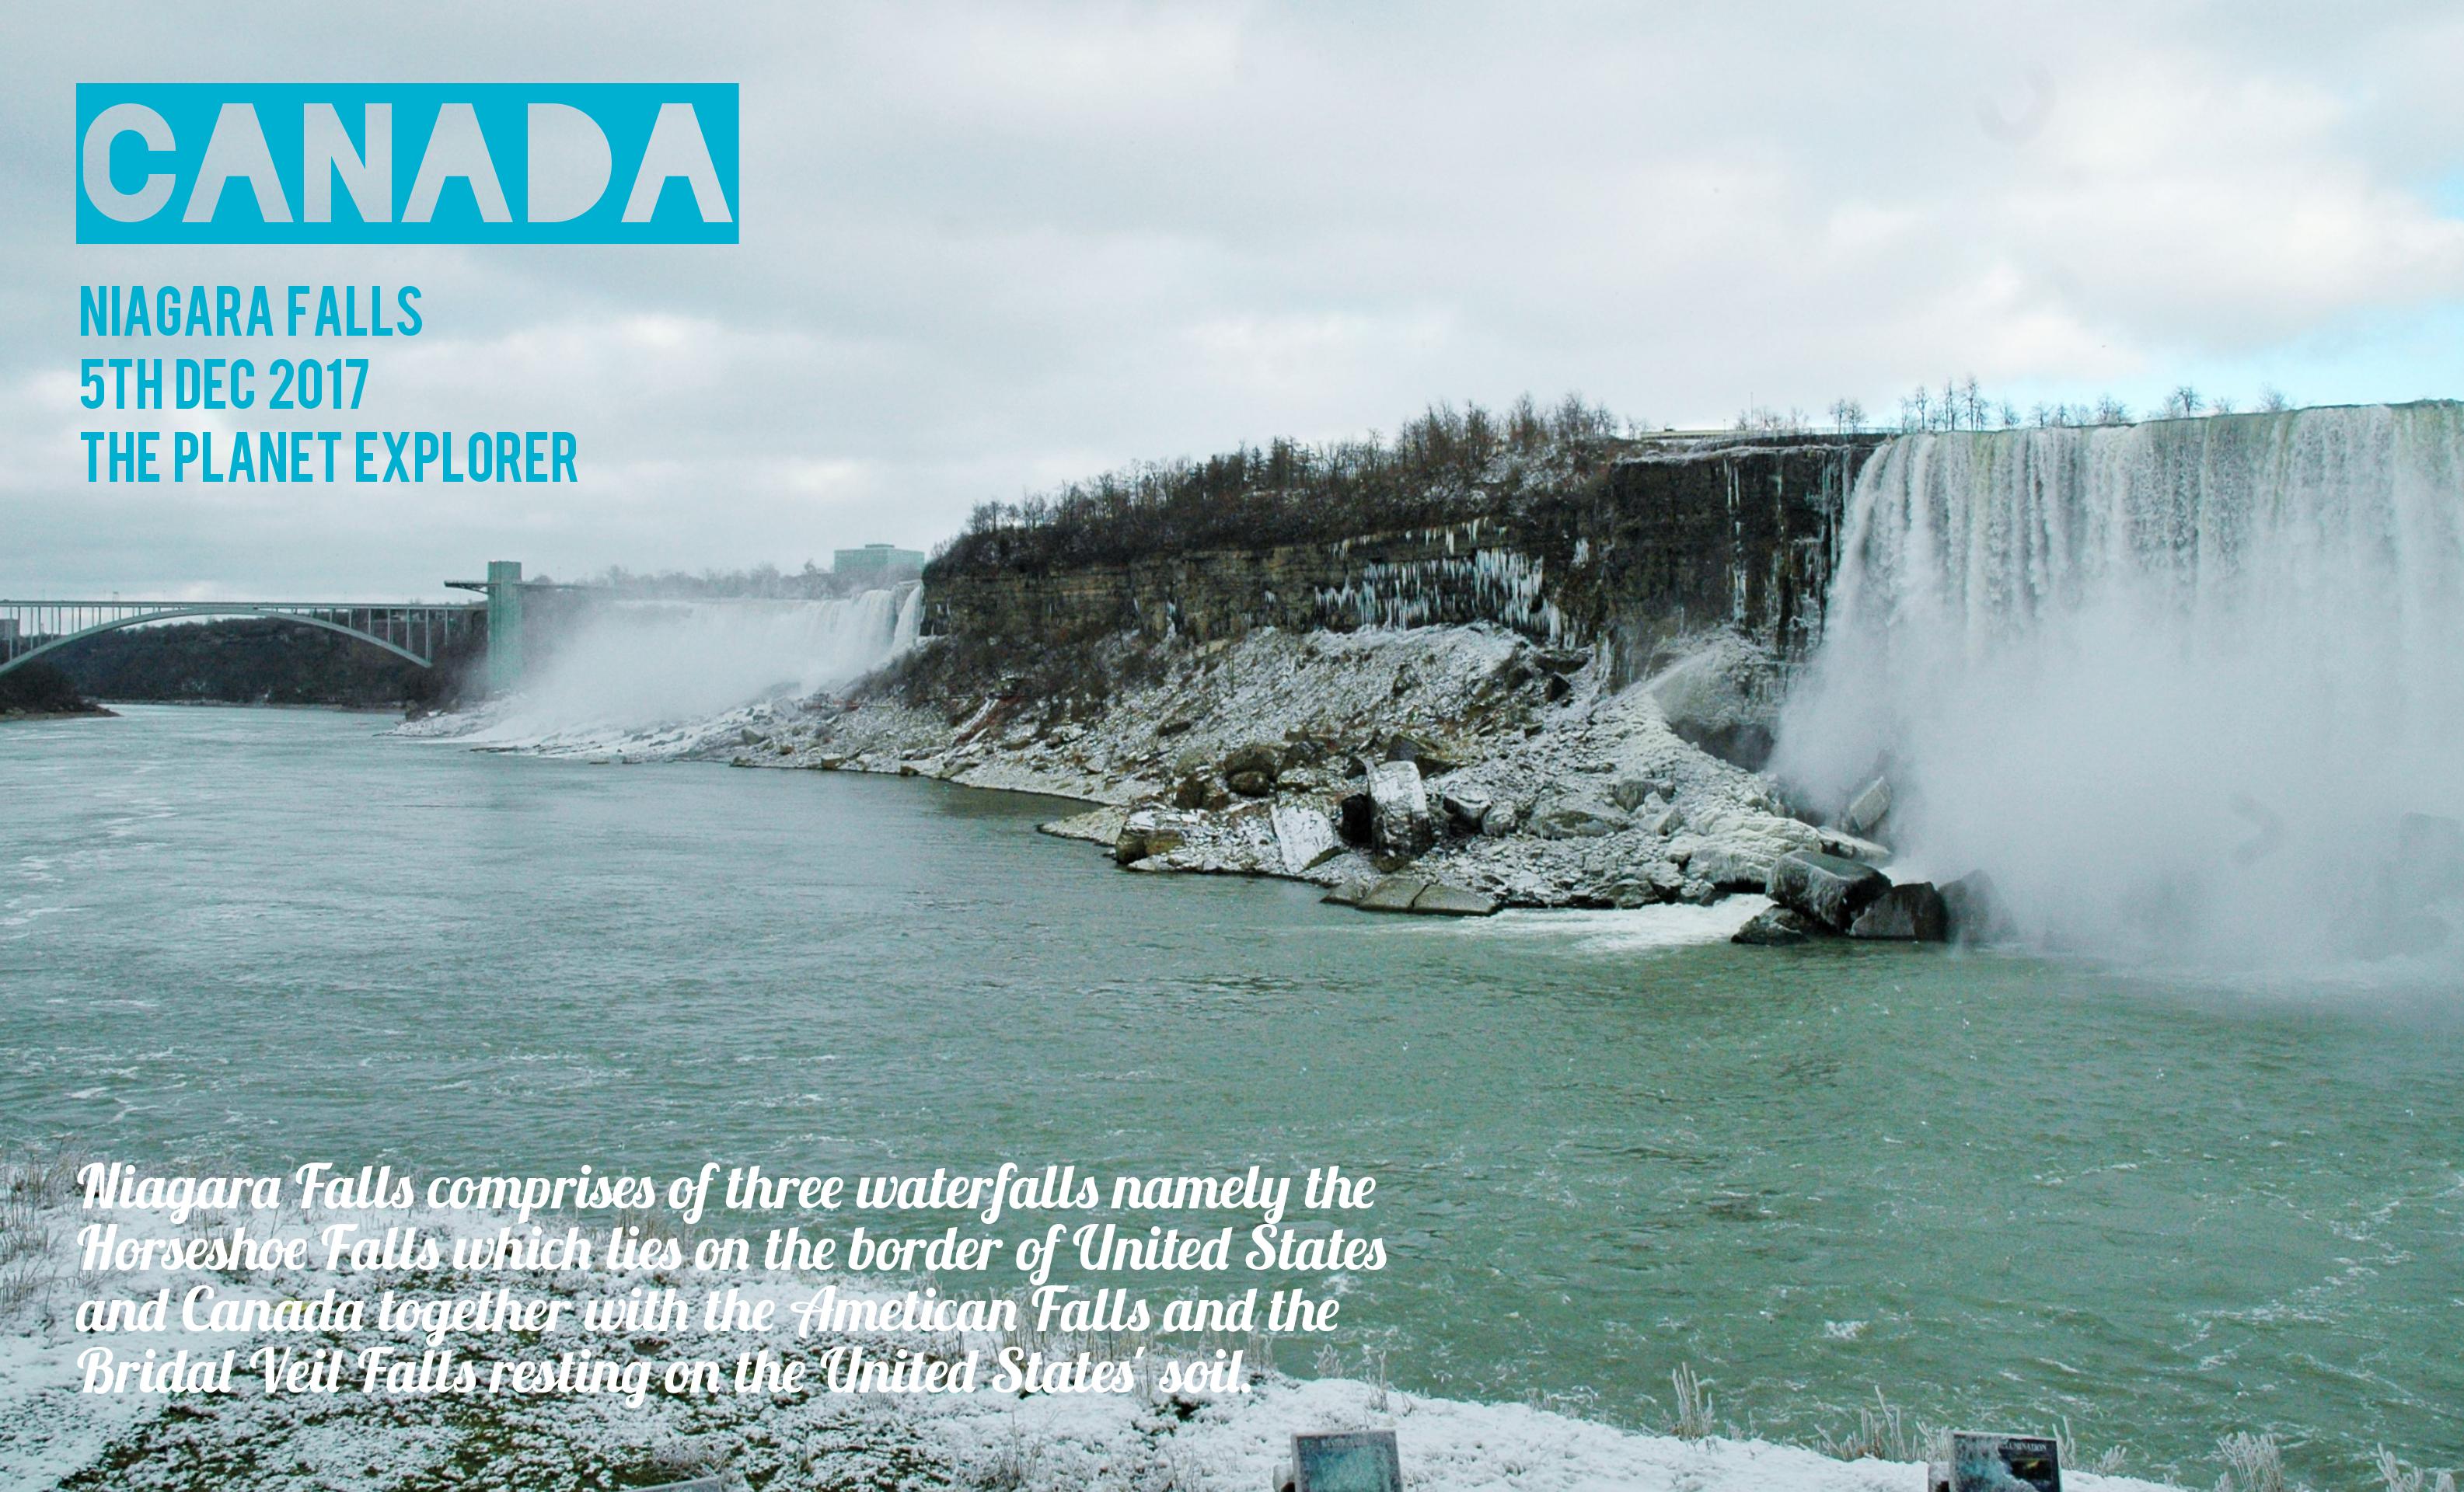 20071205_1452_Canada_Niagara Falls_Nikon D70_HR_@_wwww